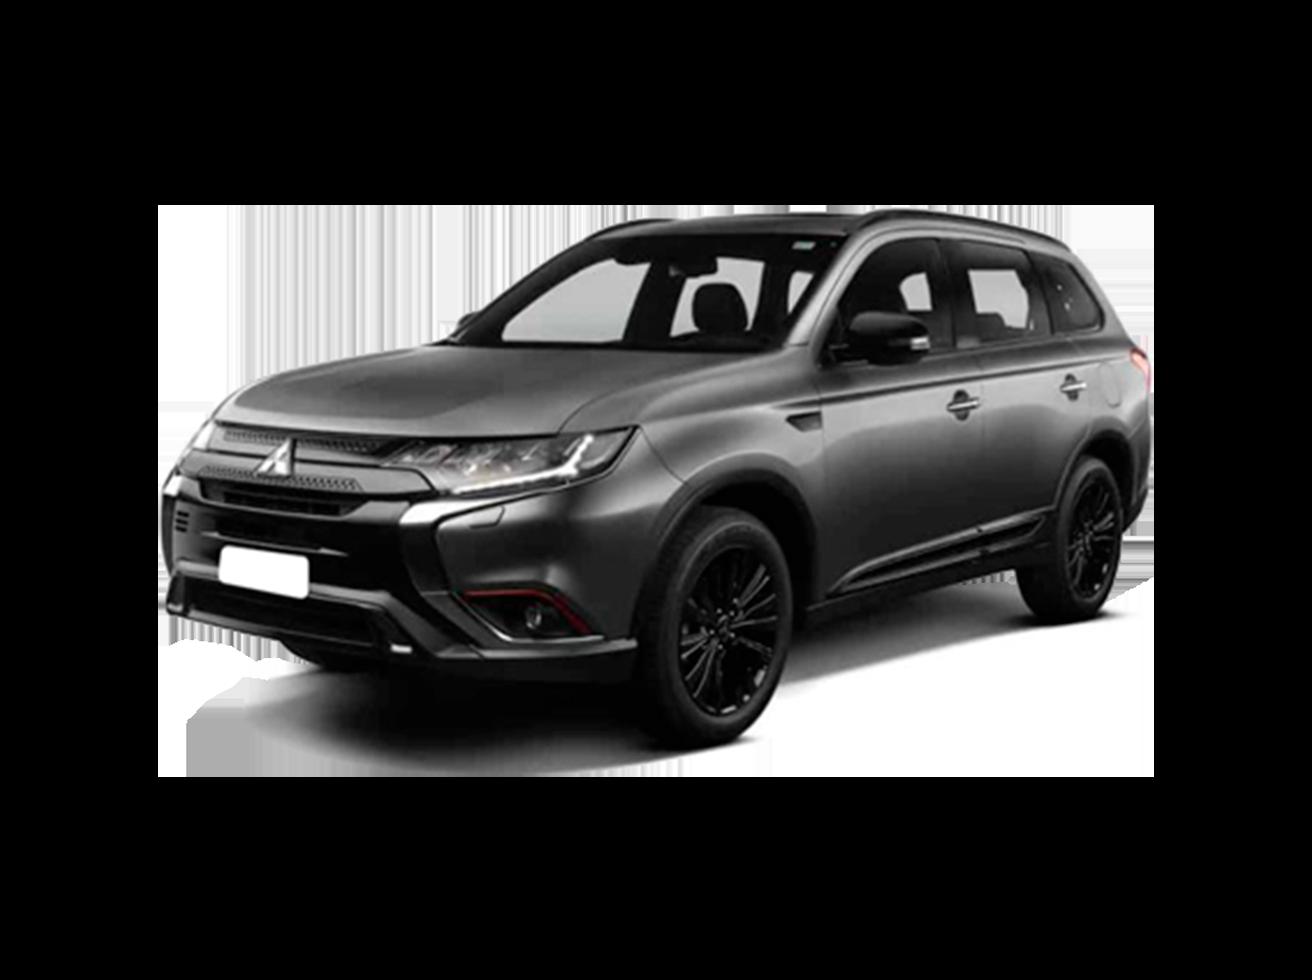 3.0 MIVEC V6 GASOLINA HPE-S BLACK EDITION AWD AUTOMÁTICO